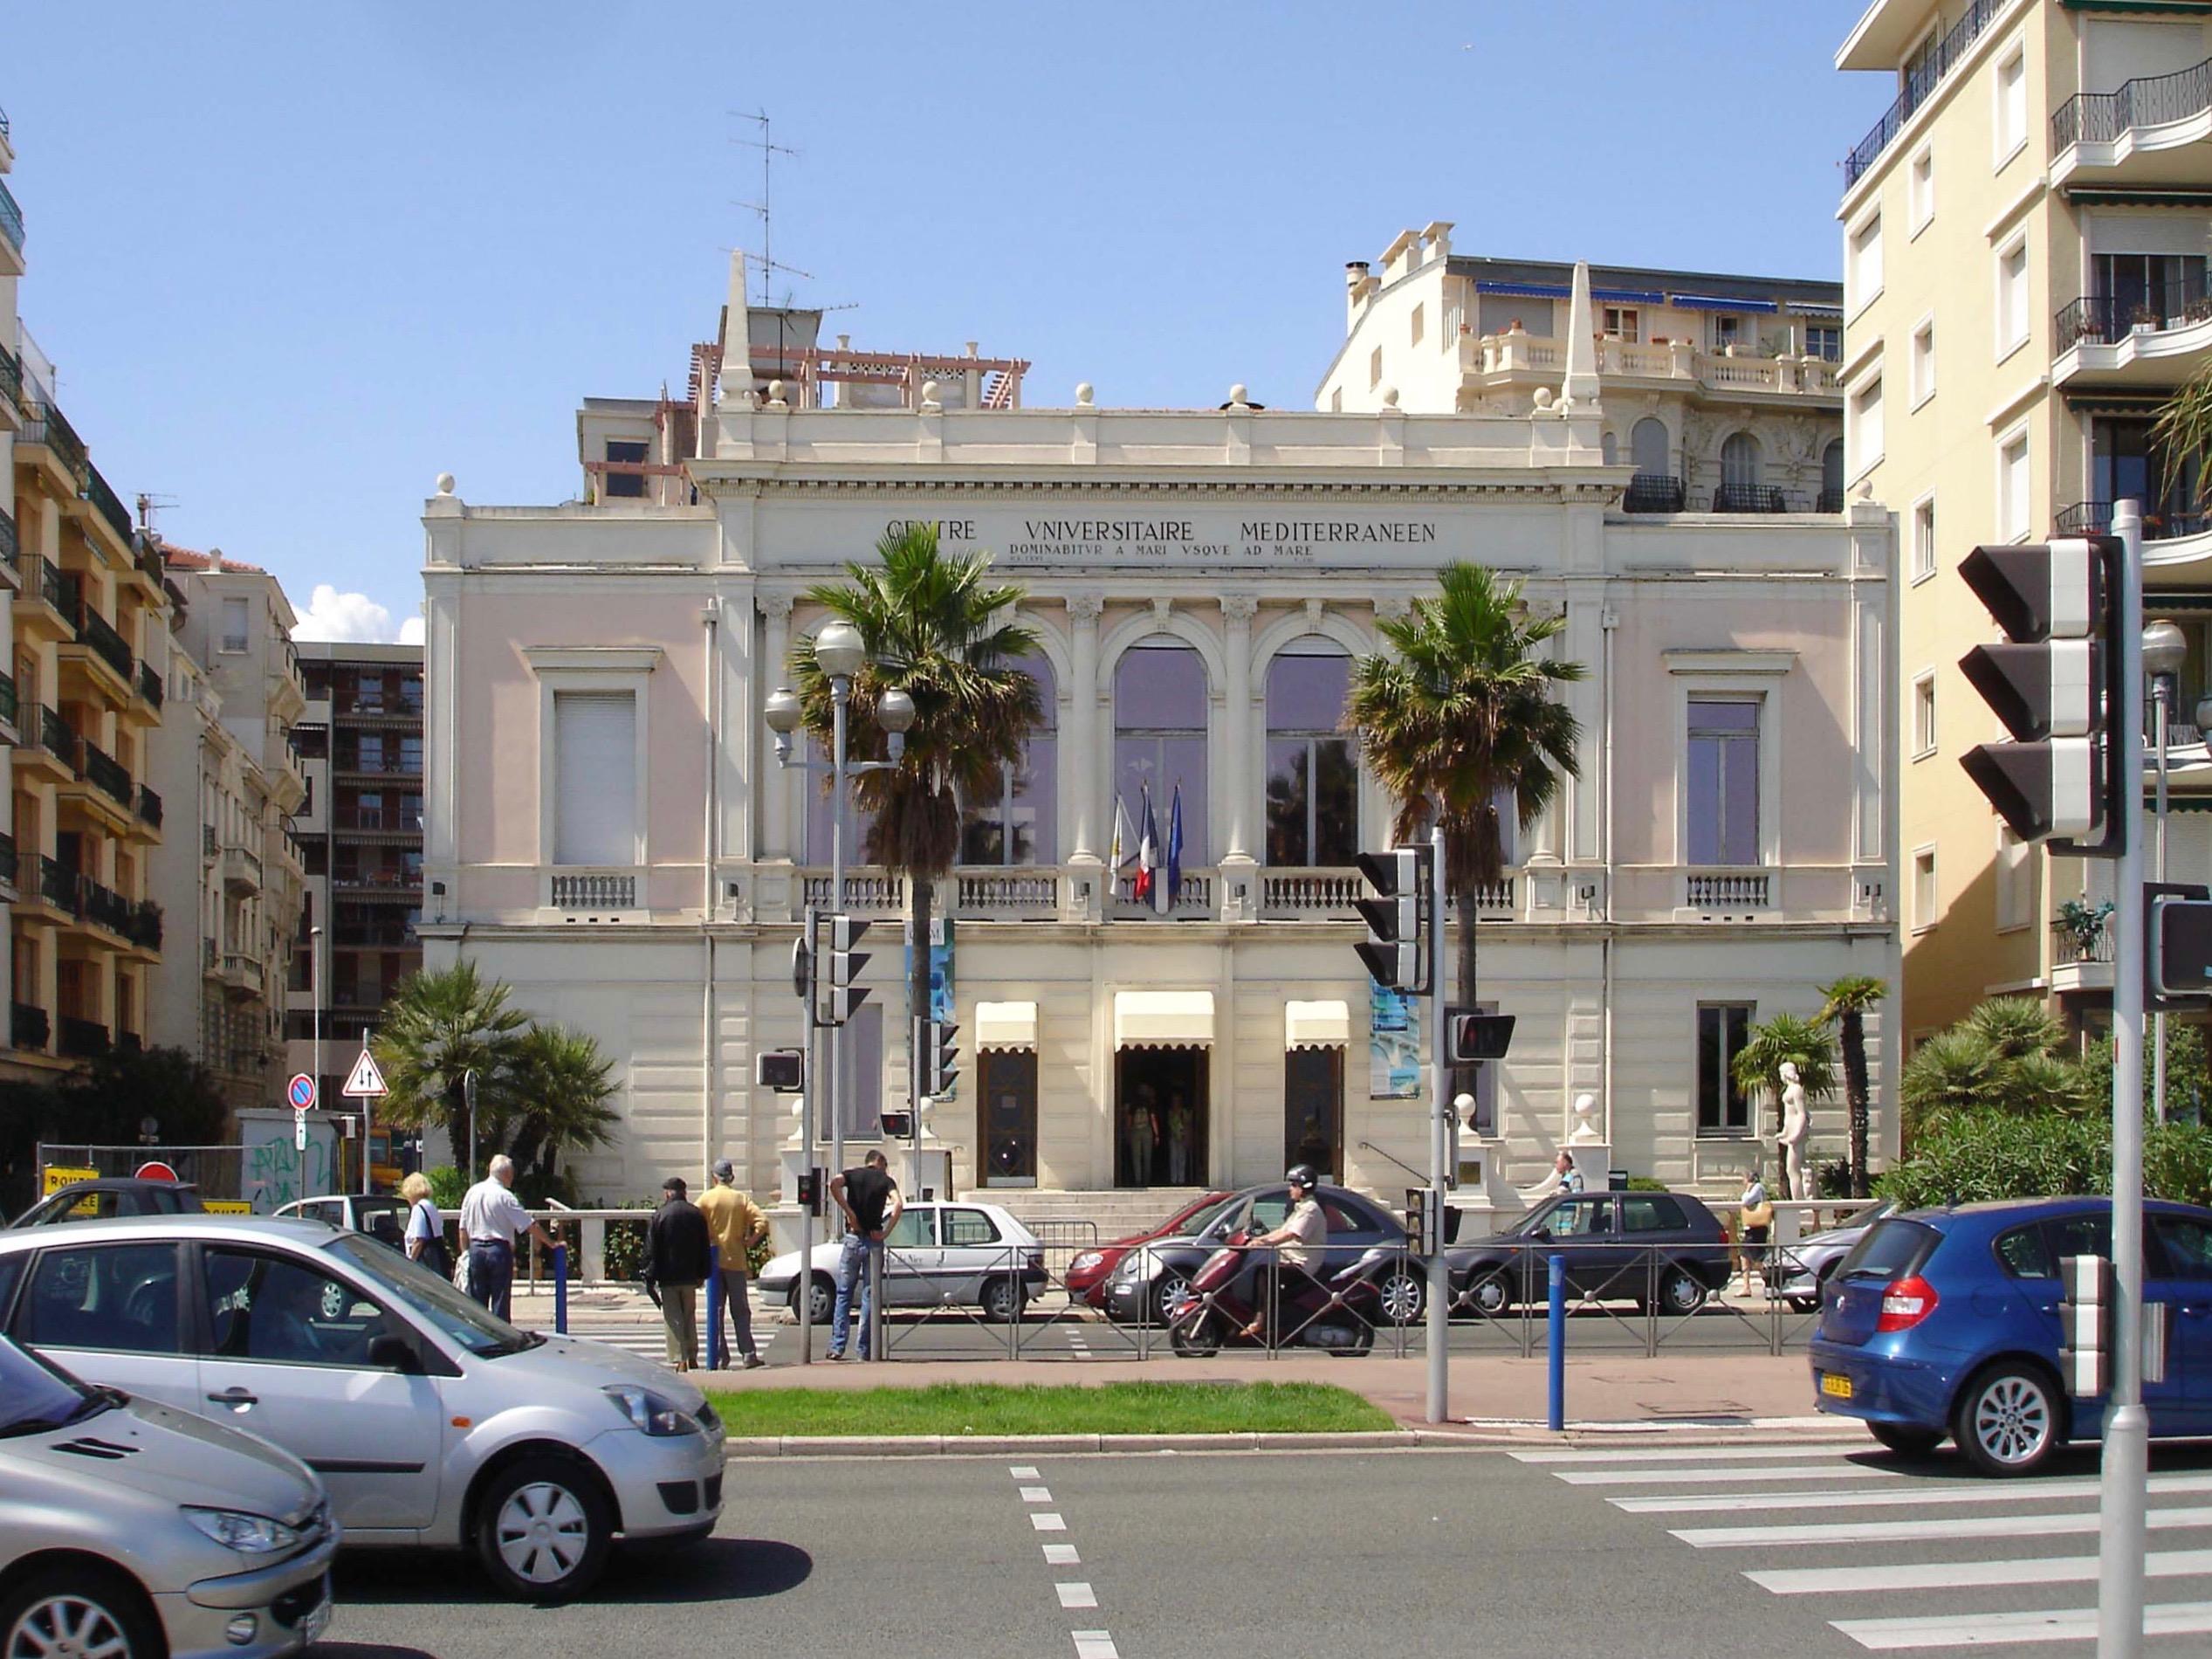 Le [[Centre universitaire méditerranéen